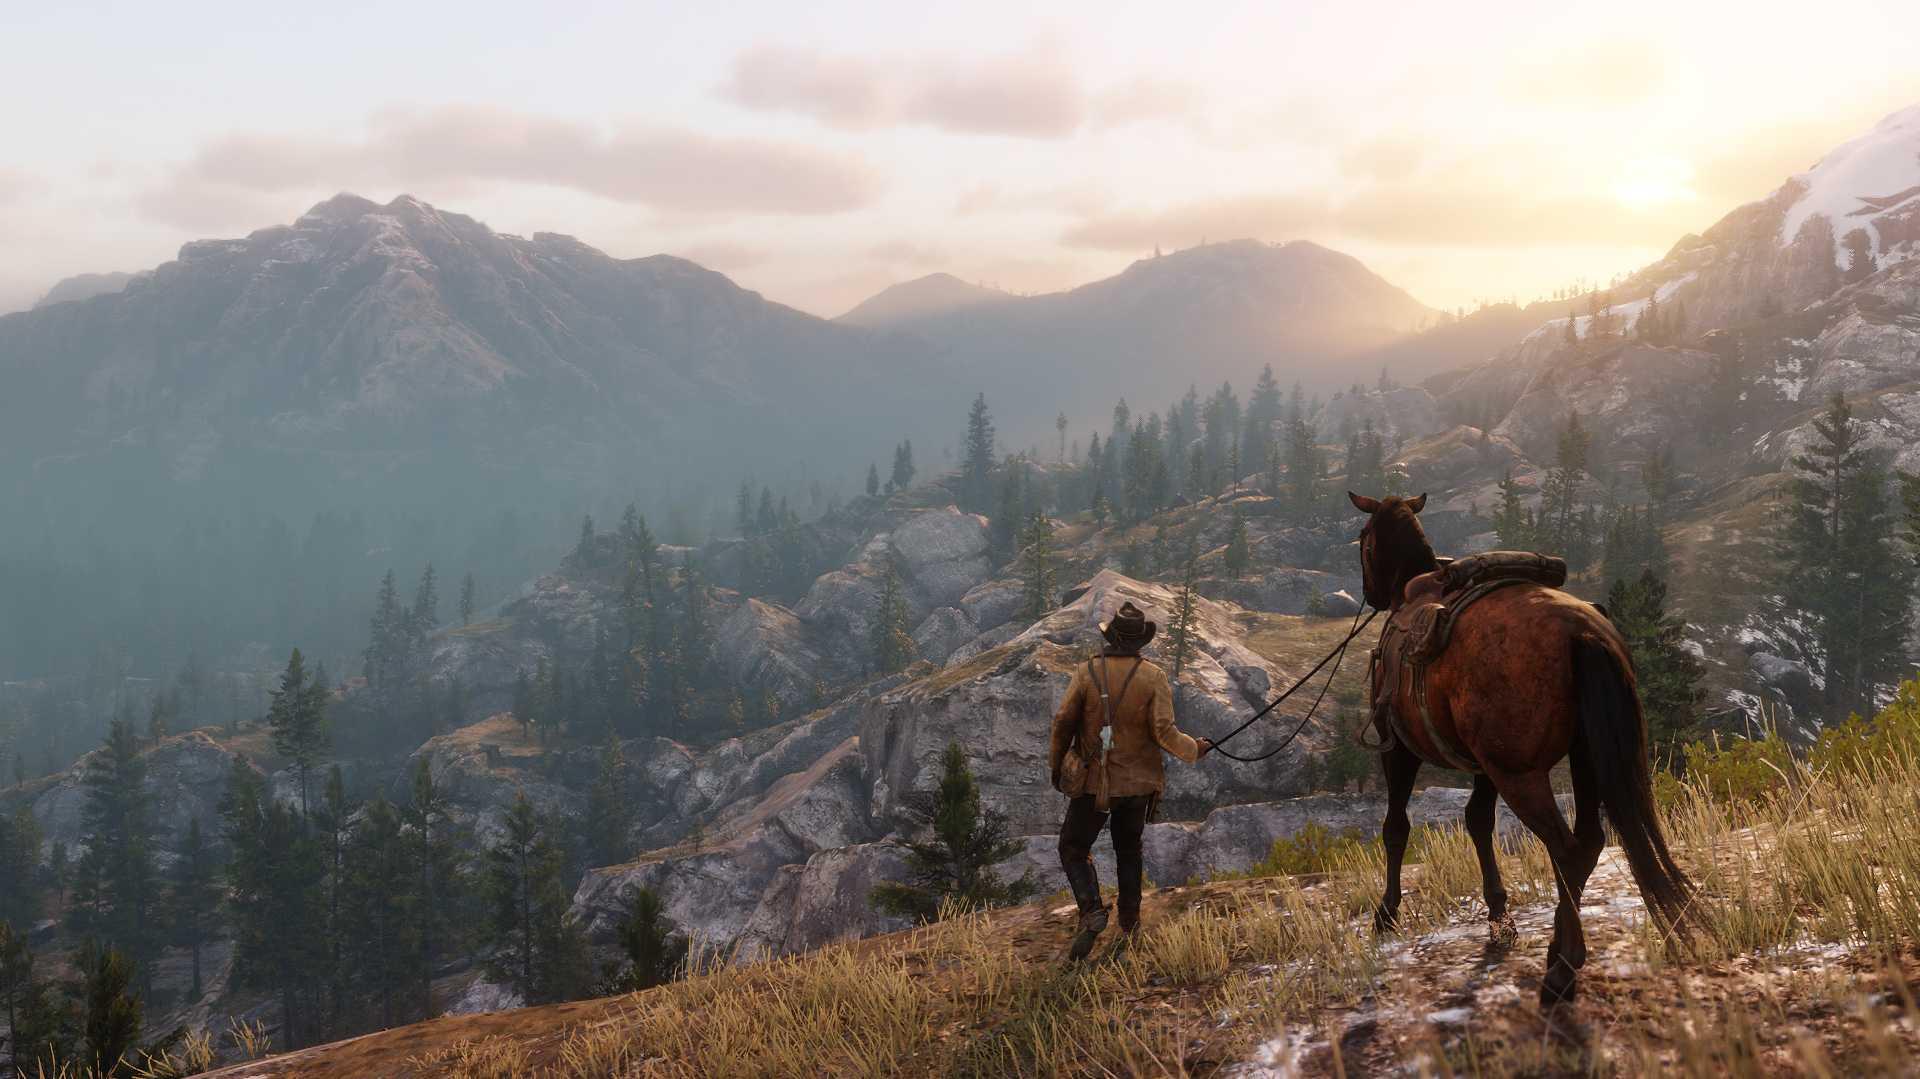 Rockstar: Entwickler von Red Dead Redemption 2 arbeiten 100-Stunden-Wochen